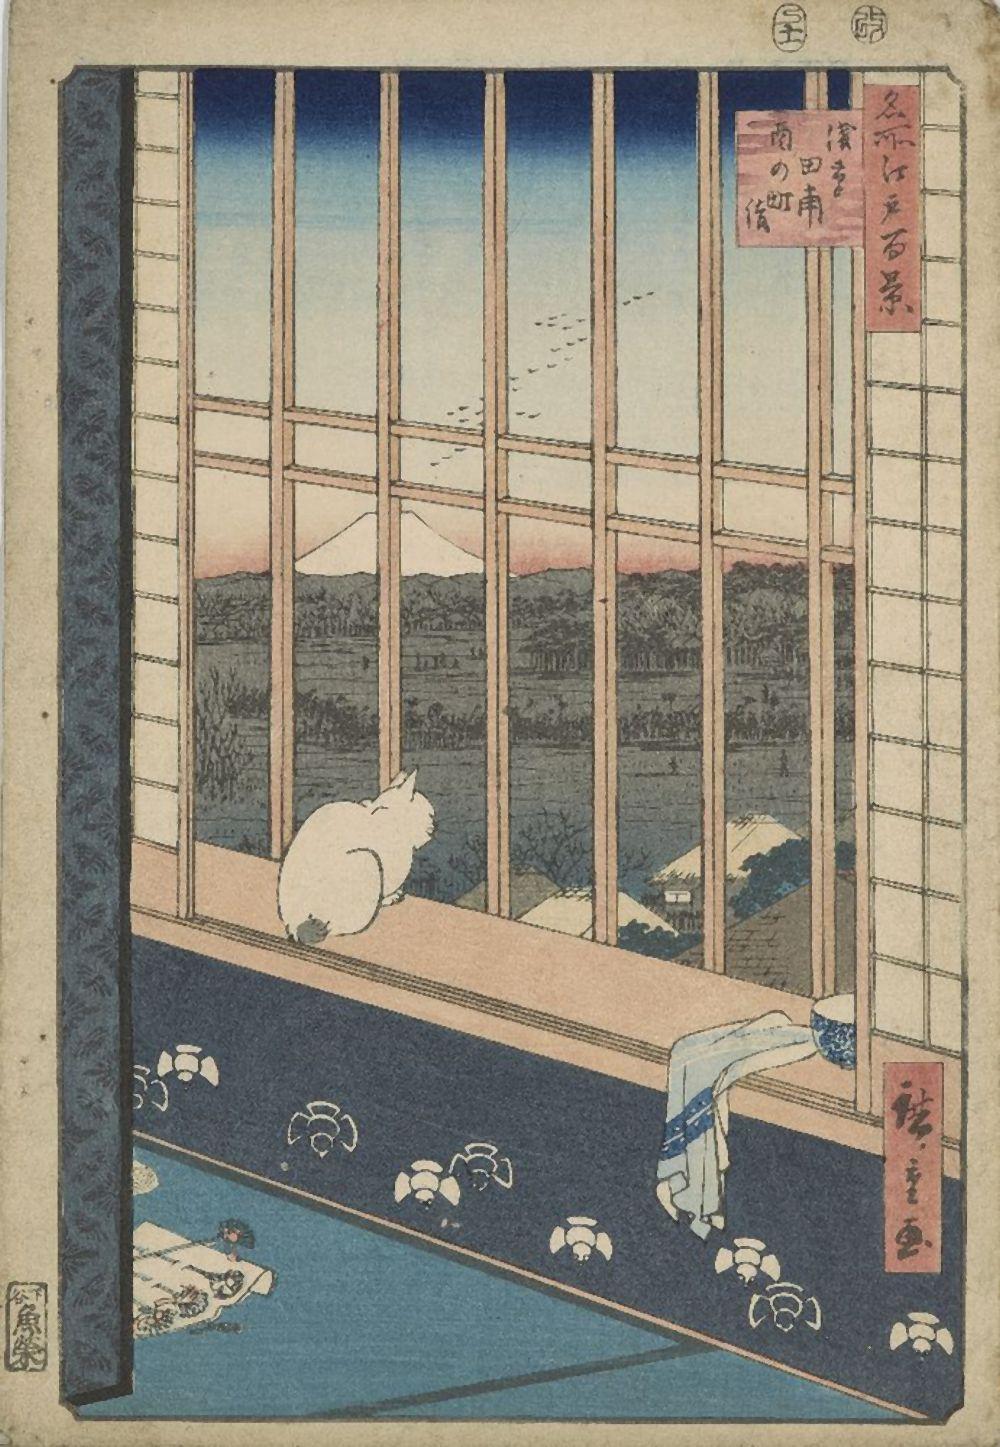 After Utagawa Hiroshige, Japanese 1797-1858, Asakusa Ricefields and Torinomachi Festival, woodblock